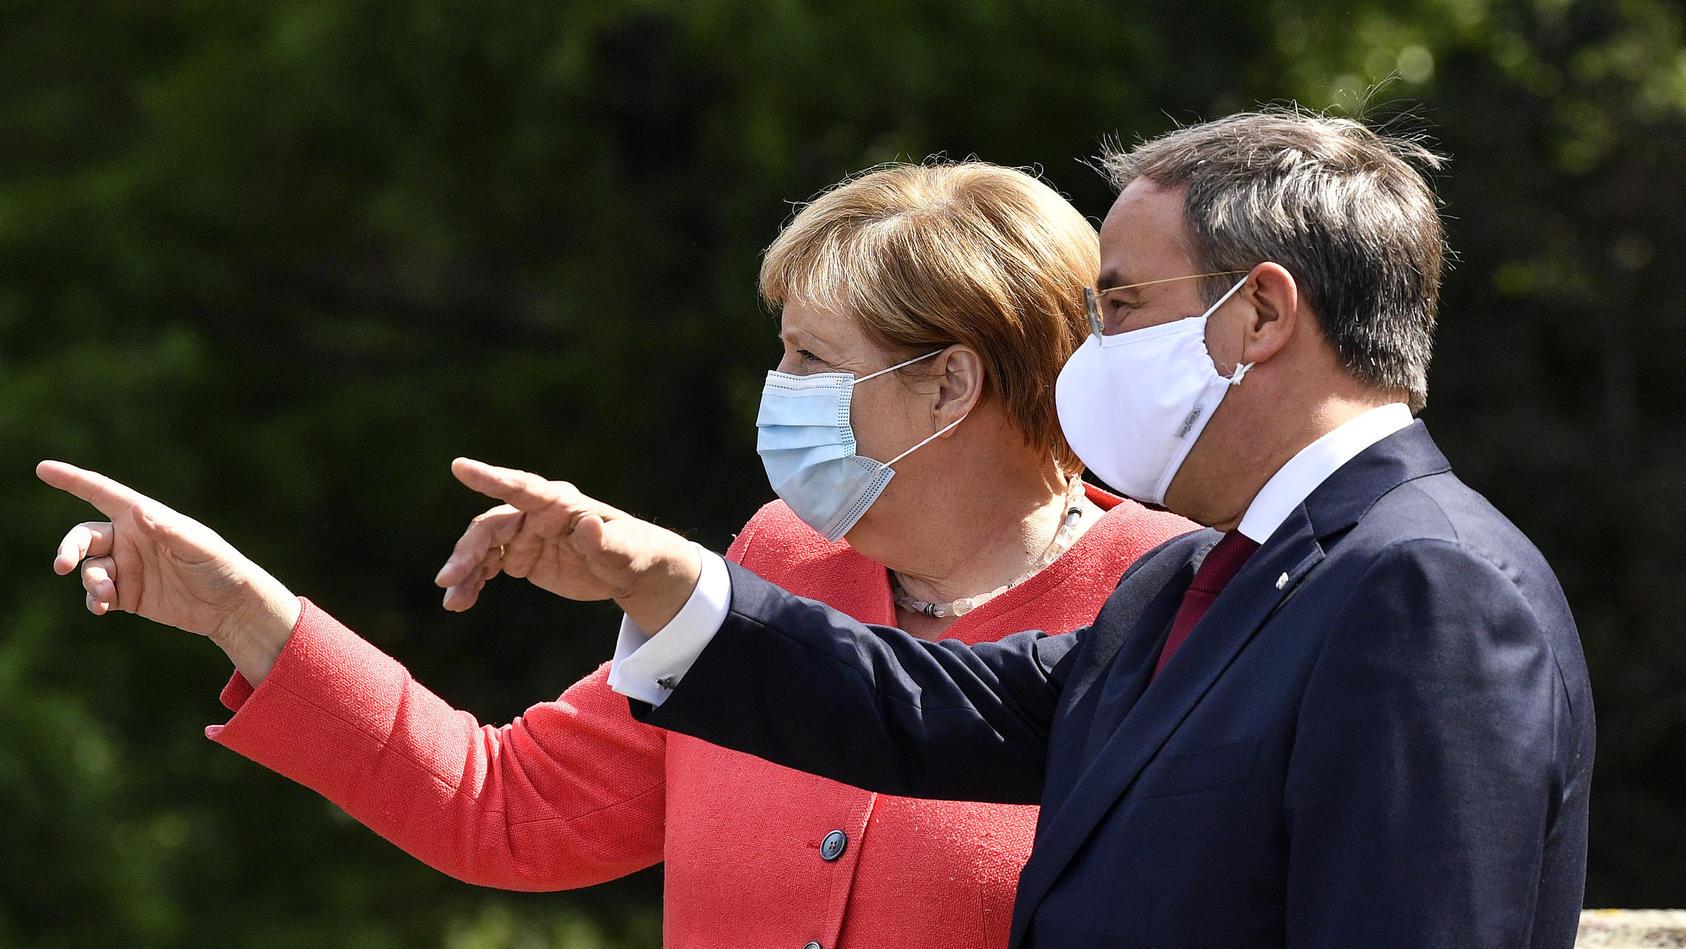 Kanzlerin Angela Merkel (CDU) und Ministerpräsident Armin Laschet (CDU) informieren sich am Dienstagmittag über die Lage im vom Hochwasser stark getroffenen Bad Münstereifel.